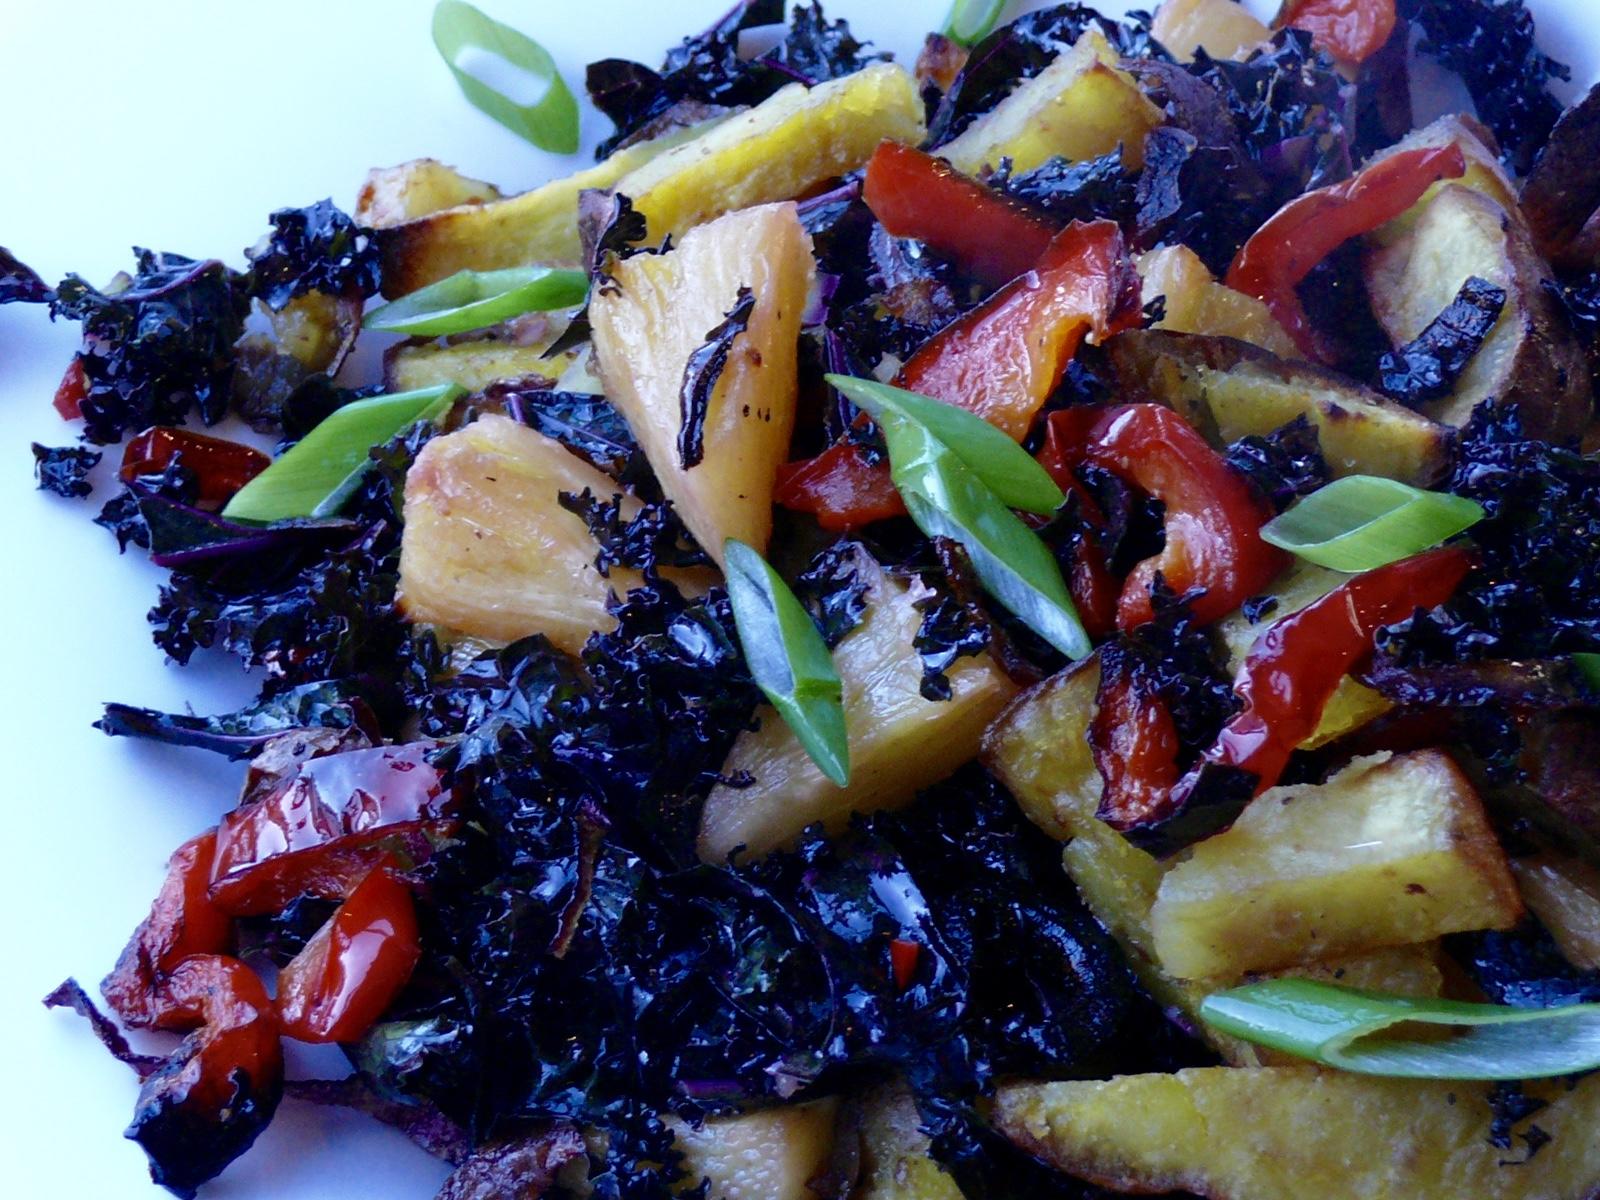 kale pineapple and kumera salad